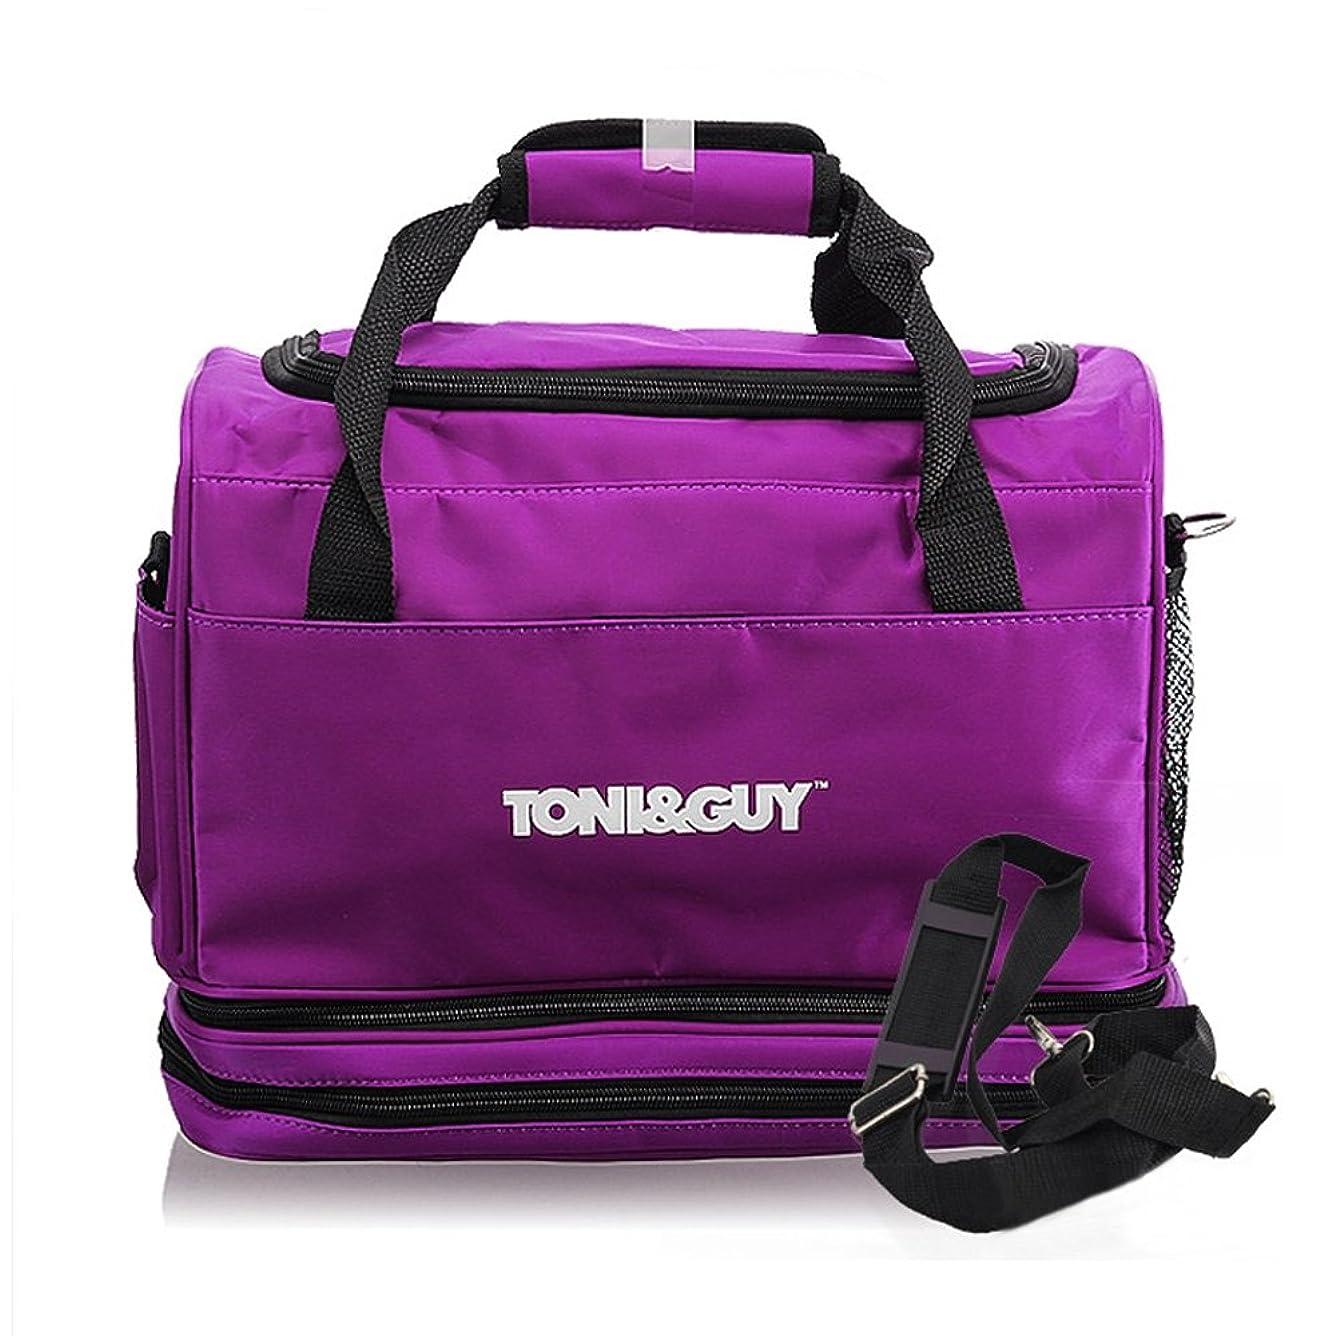 許可するボイド種類美容師 シザーバッグ Hair Tools Bag Hairdressing Carry Case 脱着 ストラップ Hair Tools Organizer Bag for Hairdressers 【ヘアツール バッグ】並行輸入